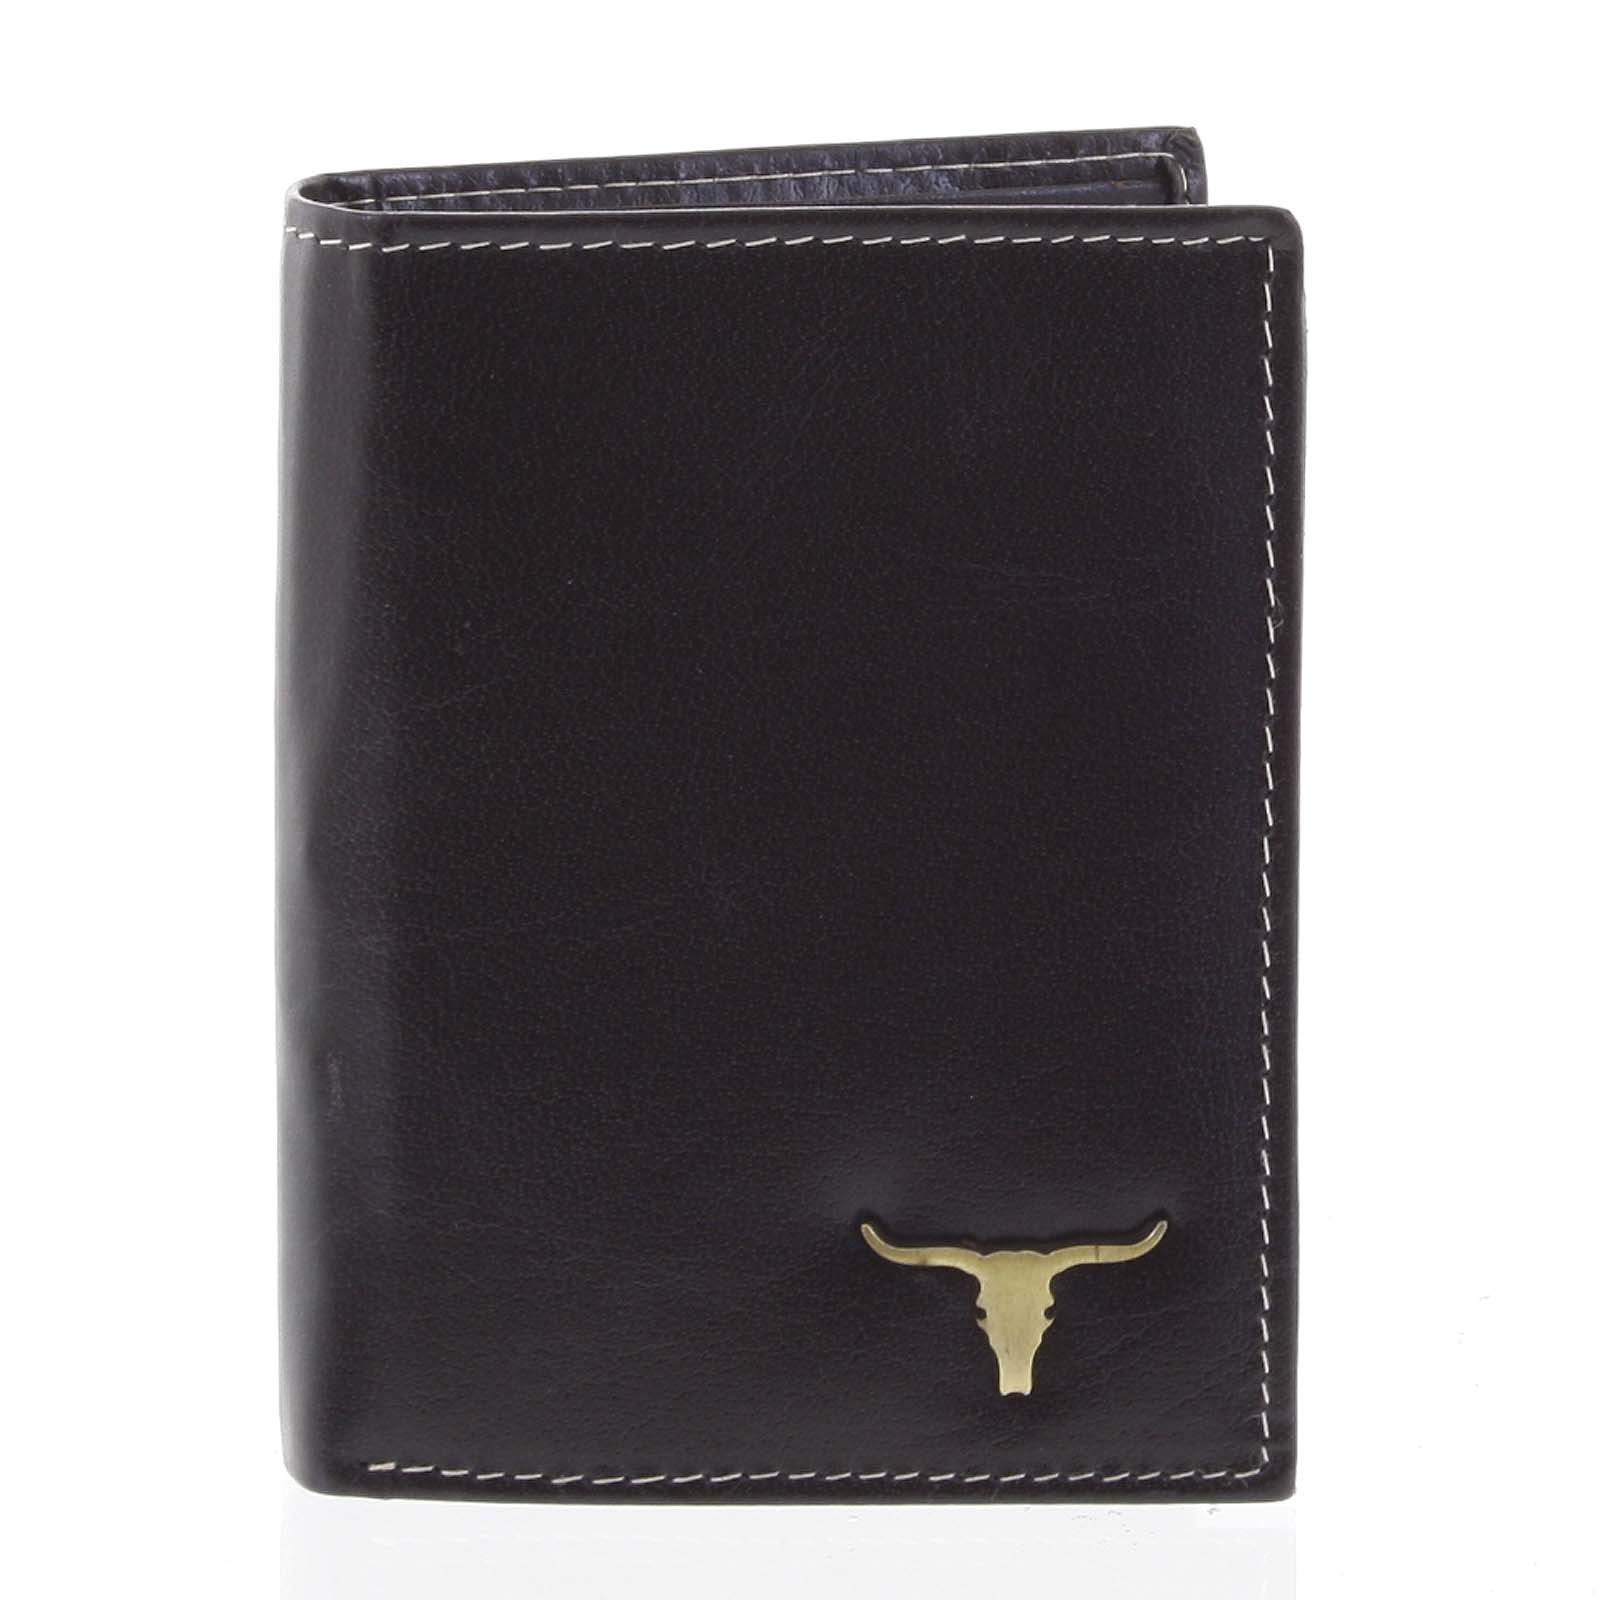 Kvalitná pánska kožená čierna peňaženka - BUFFALO Paden čierna